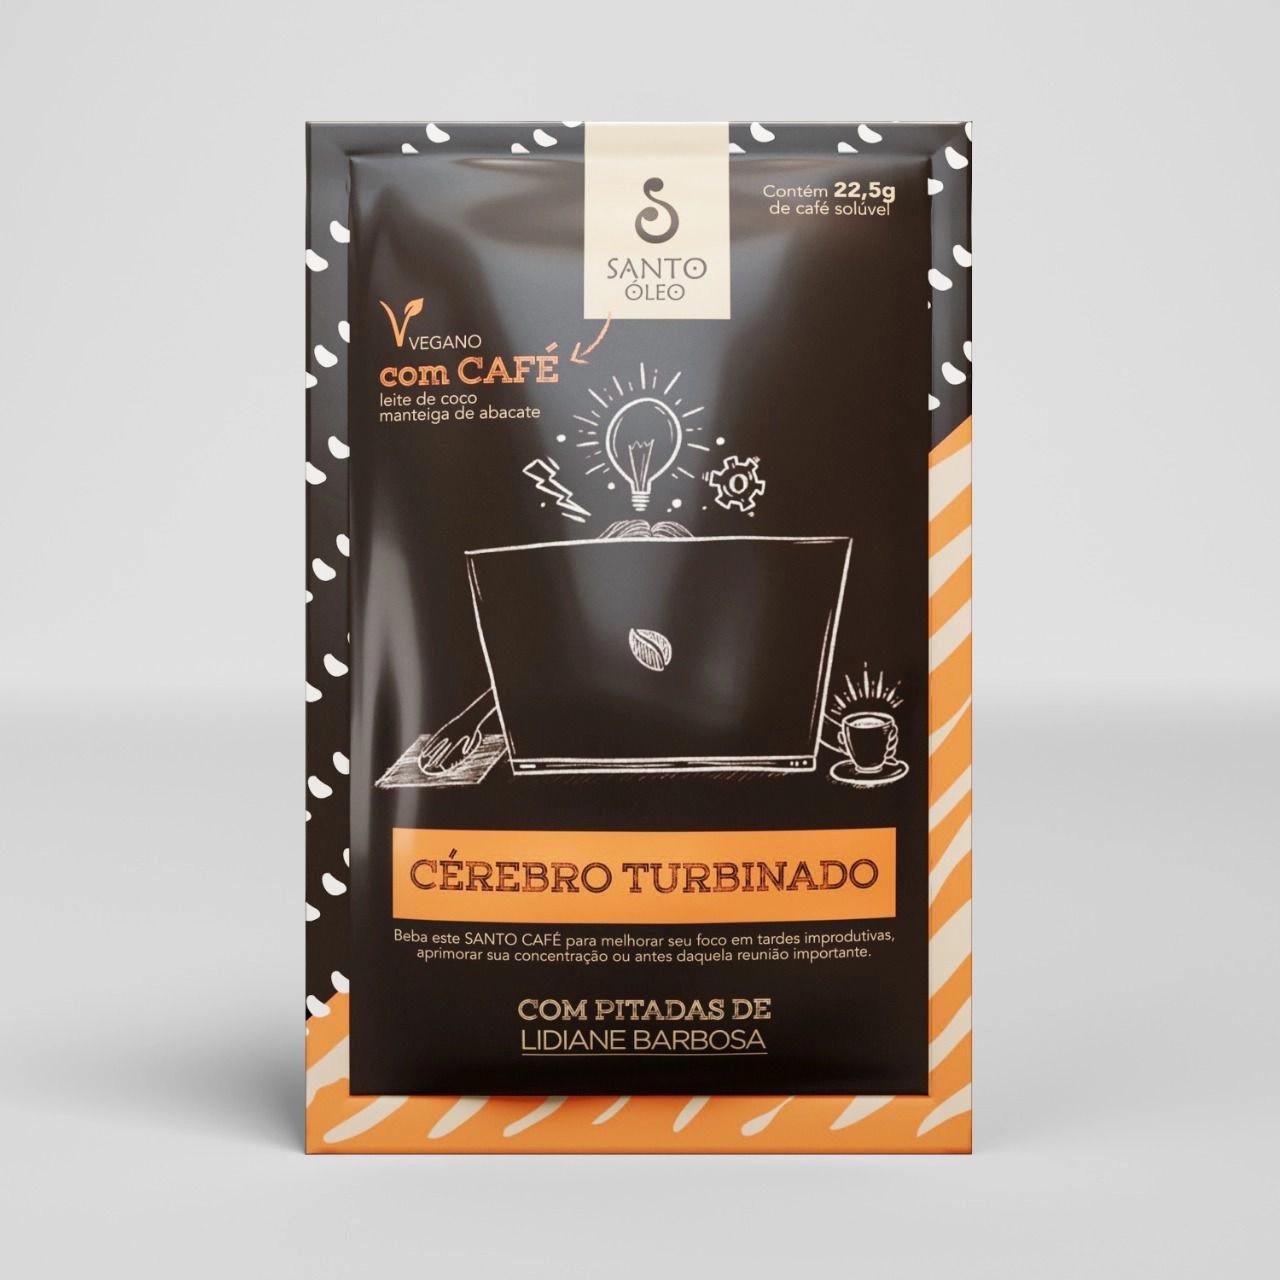 CAFÉ SOLÚVEL CÉREBRO TURBINADO SACHÊ 22,5G